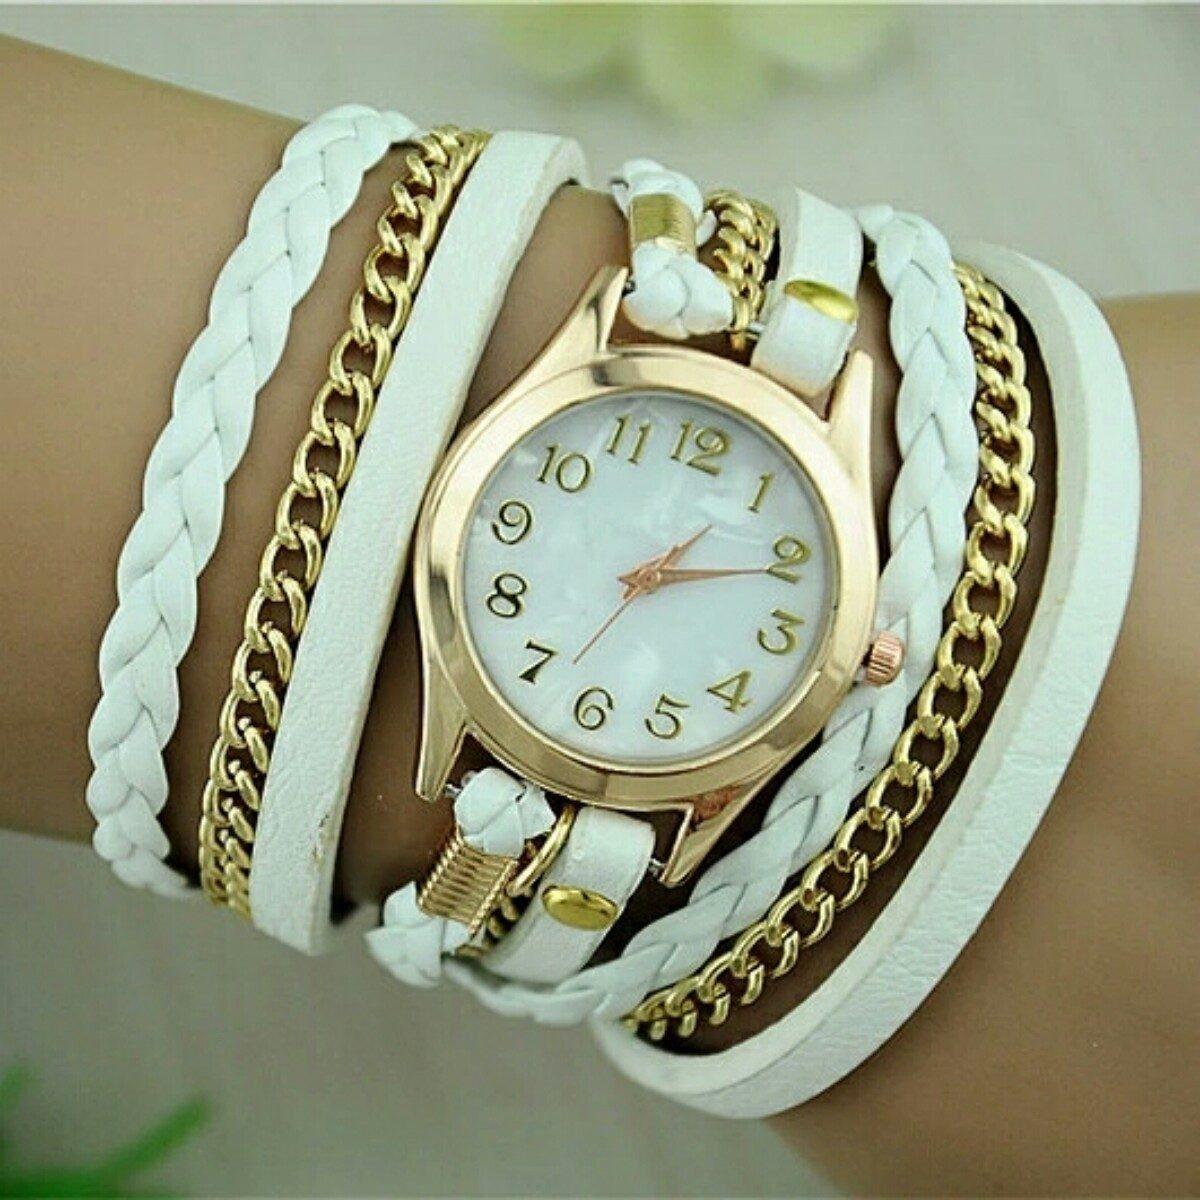 256fdbb13db relógio feminino strass bracelete pronta entrega lançamento. Carregando  zoom.